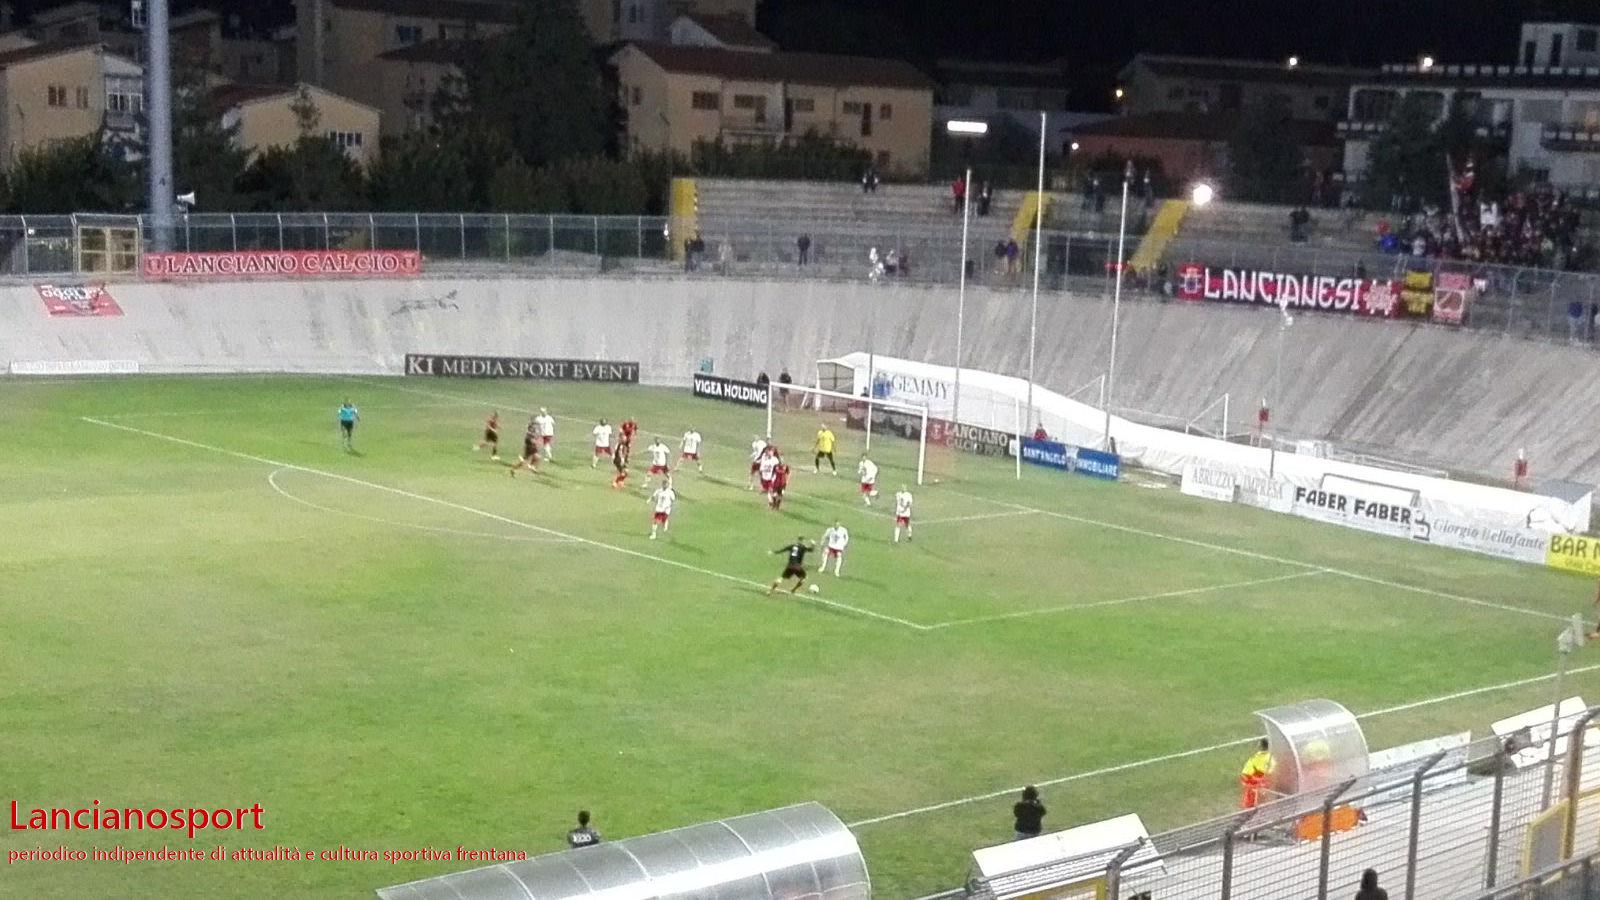 Le immagini di Lanciano-Sant'Anna 3-0